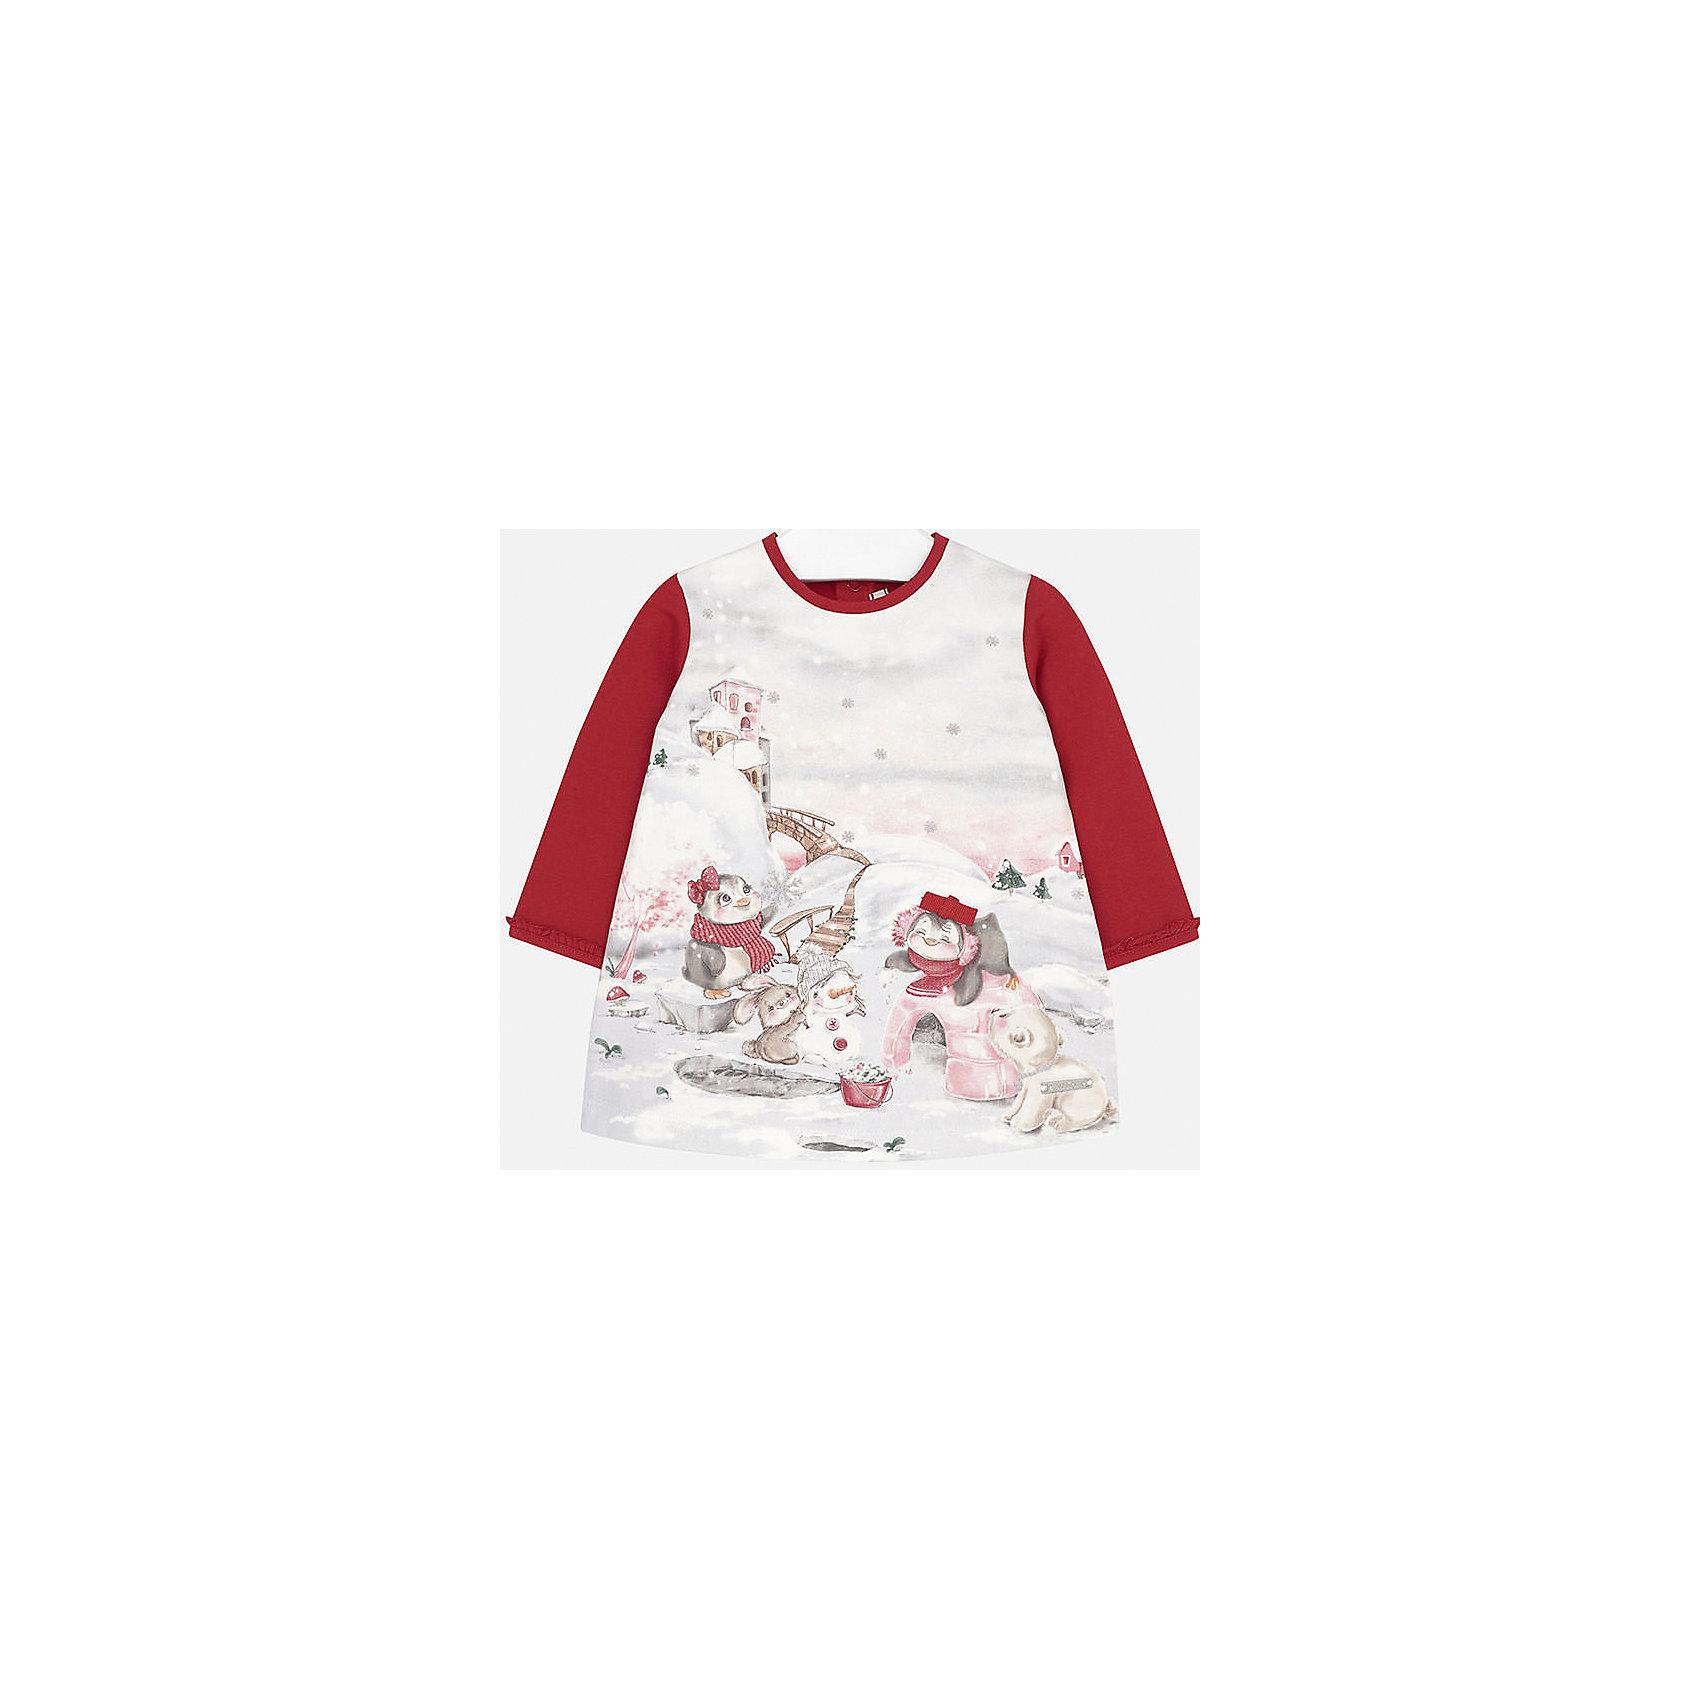 Платье для девочки MayoralПлатье торговой марки    Майорал -Mayoral  -  это очень стильно, модно и практично! Модное трикотажное платье в стиле casual с красным принтом впереди. Несомненно в таком платье Ваша дочка будет очень стильной.<br><br>Дополнительная информация: <br><br>-  цвет: красный<br>-  состав: хлопок 95%,эластан 5%<br>-  вырез горловины: округлый<br>-  длина рукава: длинные<br>-  длина изделия: по спинке: 38 см<br>-  вид застежки: без застежки<br>-  покрой: прямой<br>-  фактура материала: трикотажный<br>-  длина юбки: миди<br>-  тип карманов: без карманов<br>-  уход за вещами: бережная стирка при 30 градусах<br>-  назначение: повседневная<br>-  конструктивные элементы: без разреза<br>-  сезон: круглогодичный<br>-  пол: девочки<br>-  страна бренда: Испания<br>-  страна производитель: Индия<br>-  комплектация: платье<br><br>Платье для девочки торговой марки Mayoral можно купить в нашем интернет-магазине.<br><br>Ширина мм: 236<br>Глубина мм: 16<br>Высота мм: 184<br>Вес г: 177<br>Цвет: красный<br>Возраст от месяцев: 12<br>Возраст до месяцев: 15<br>Пол: Женский<br>Возраст: Детский<br>Размер: 80,86,92,74<br>SKU: 4846258